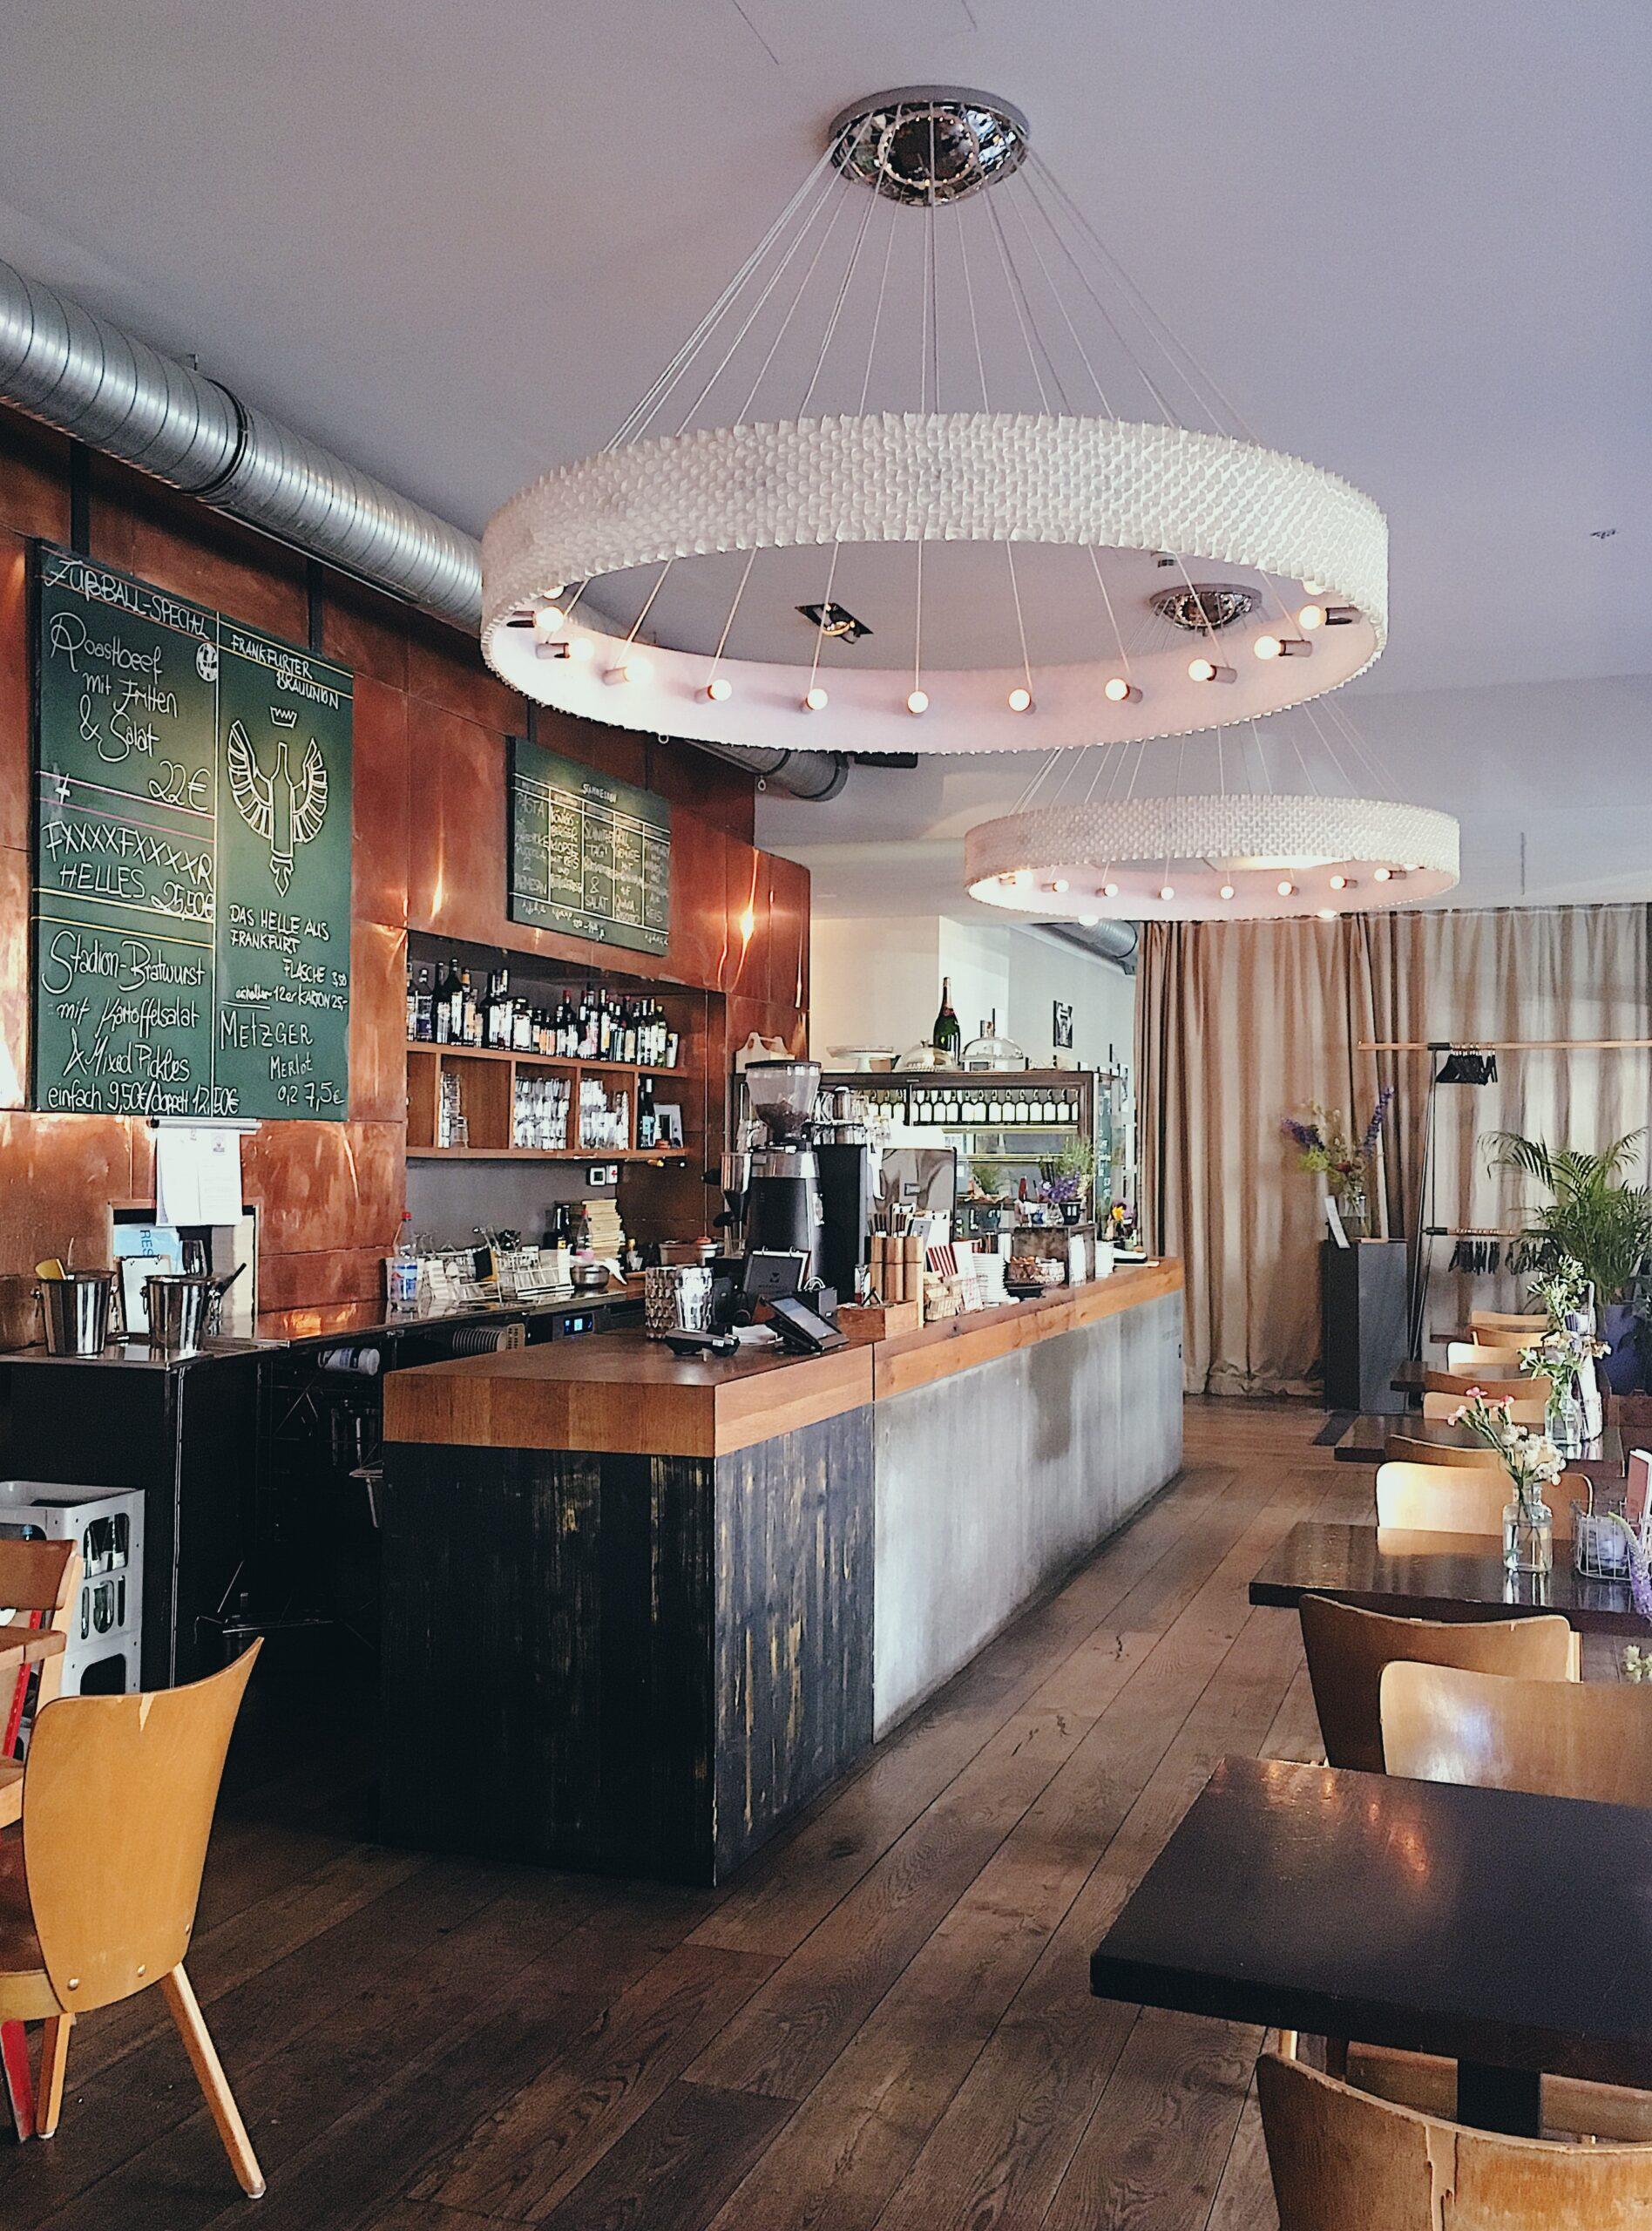 sugar-free brownie cafe